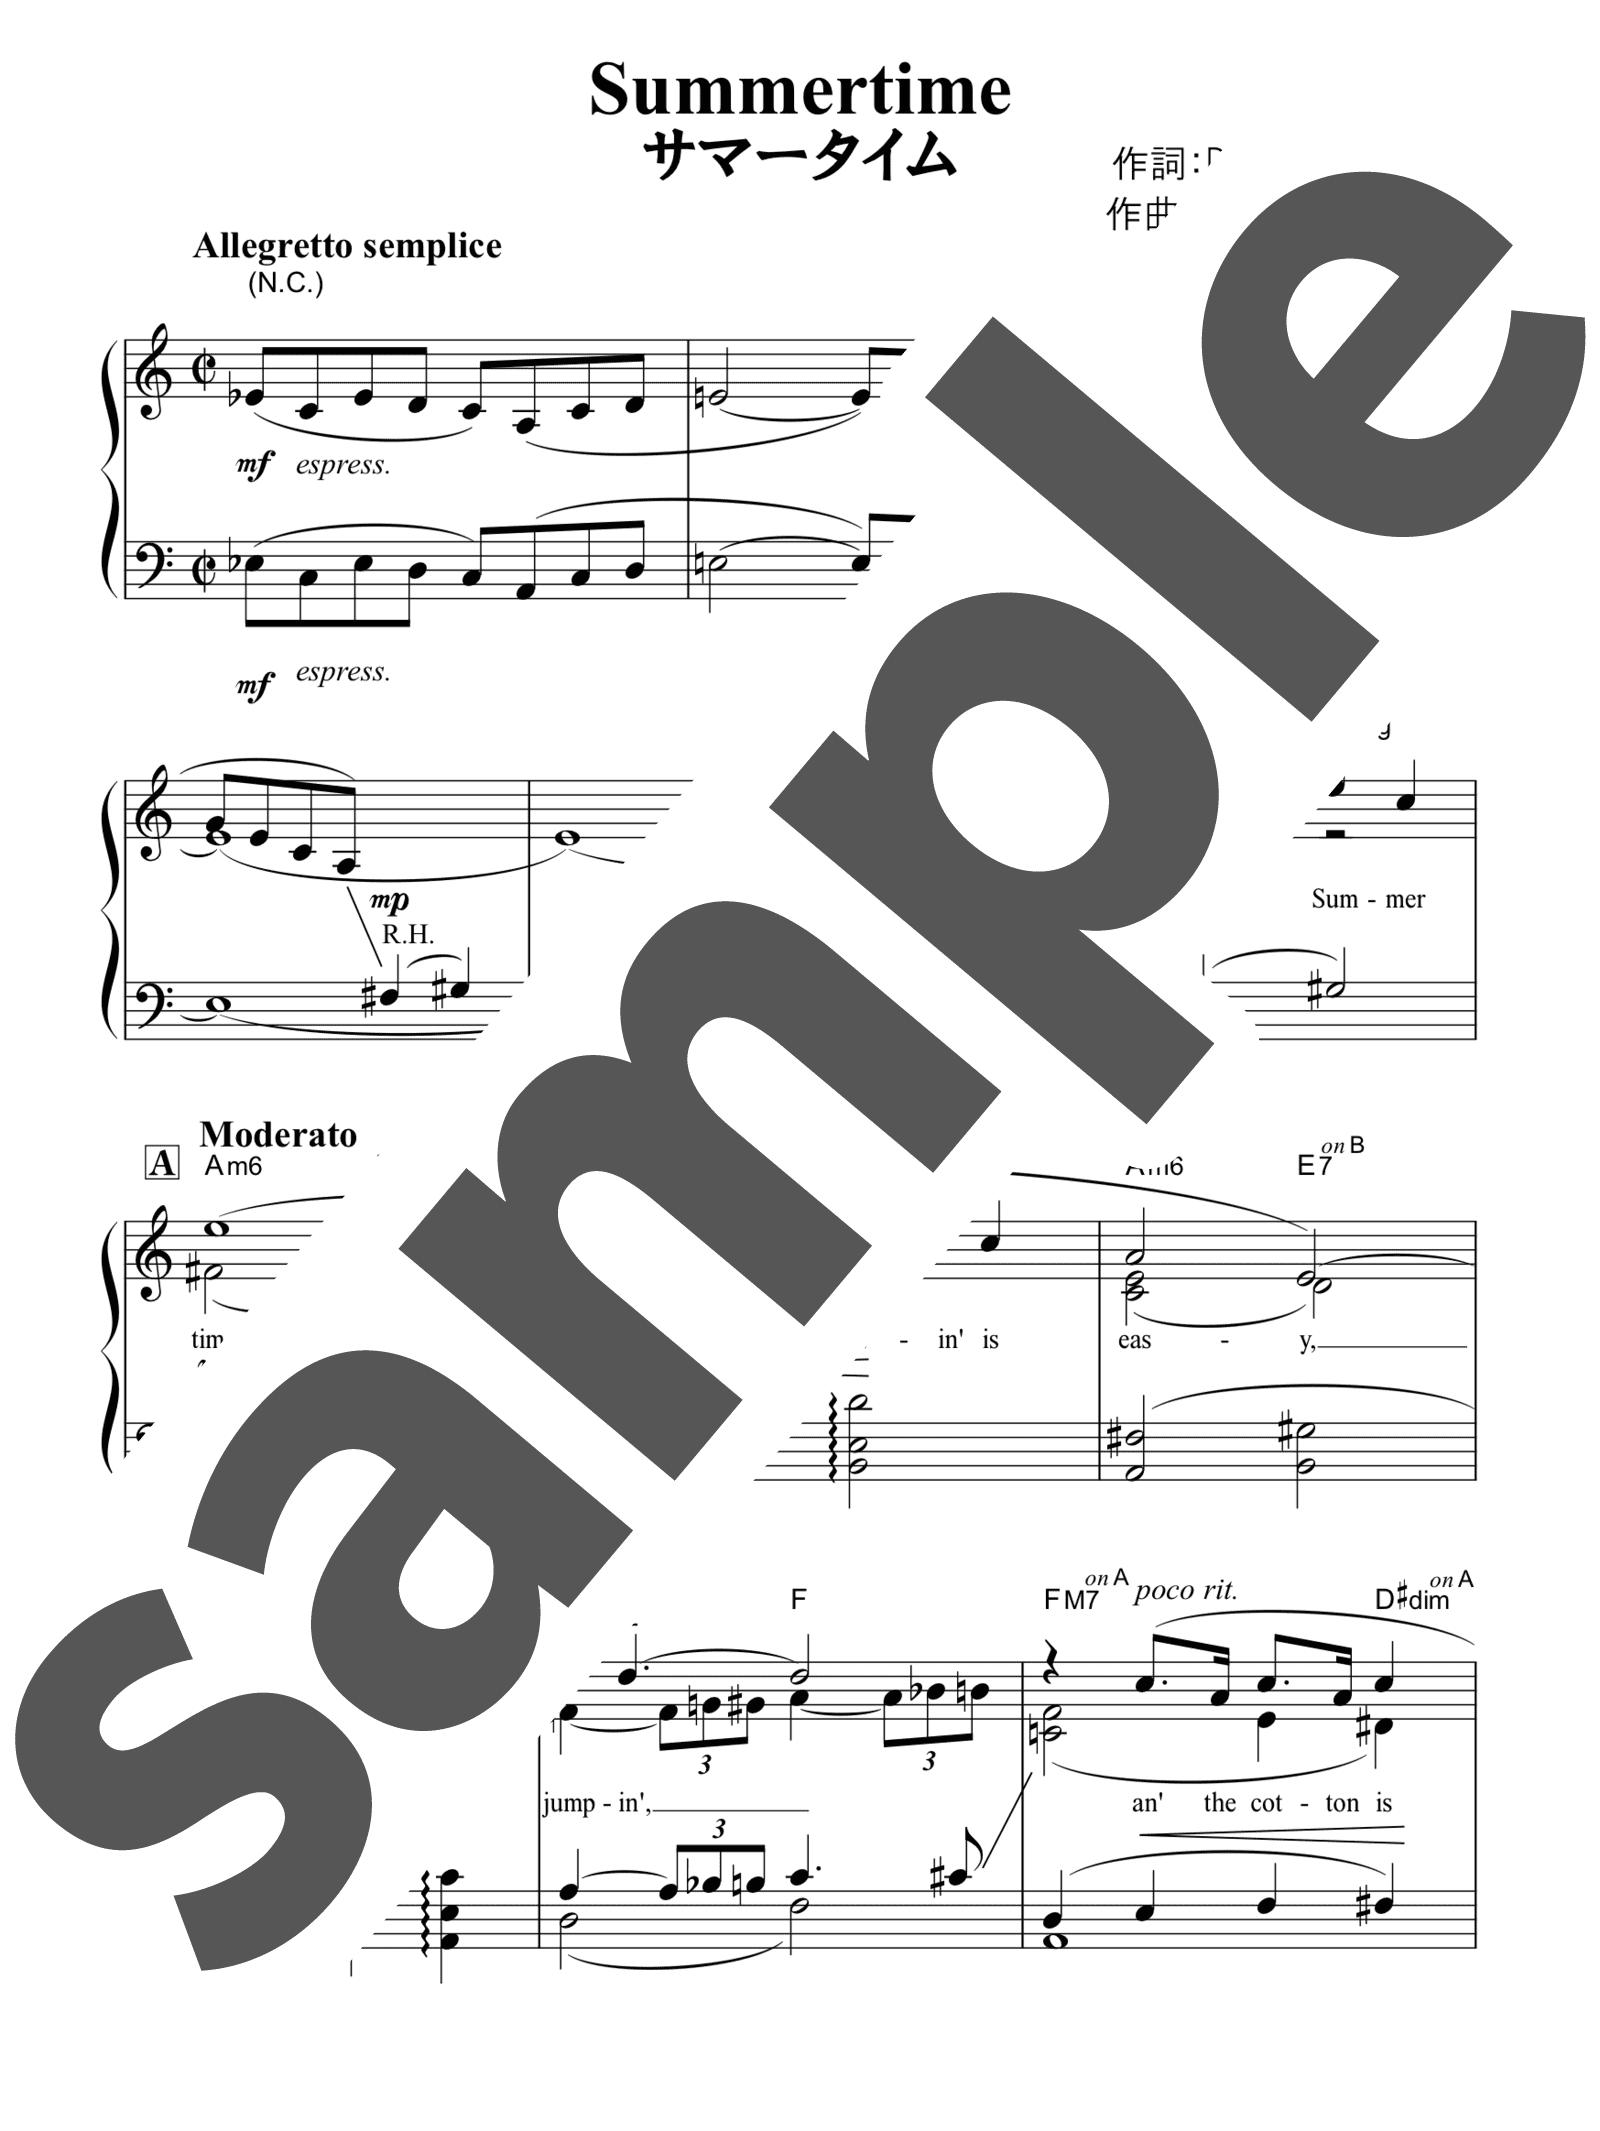 「サマータイム」のサンプル楽譜